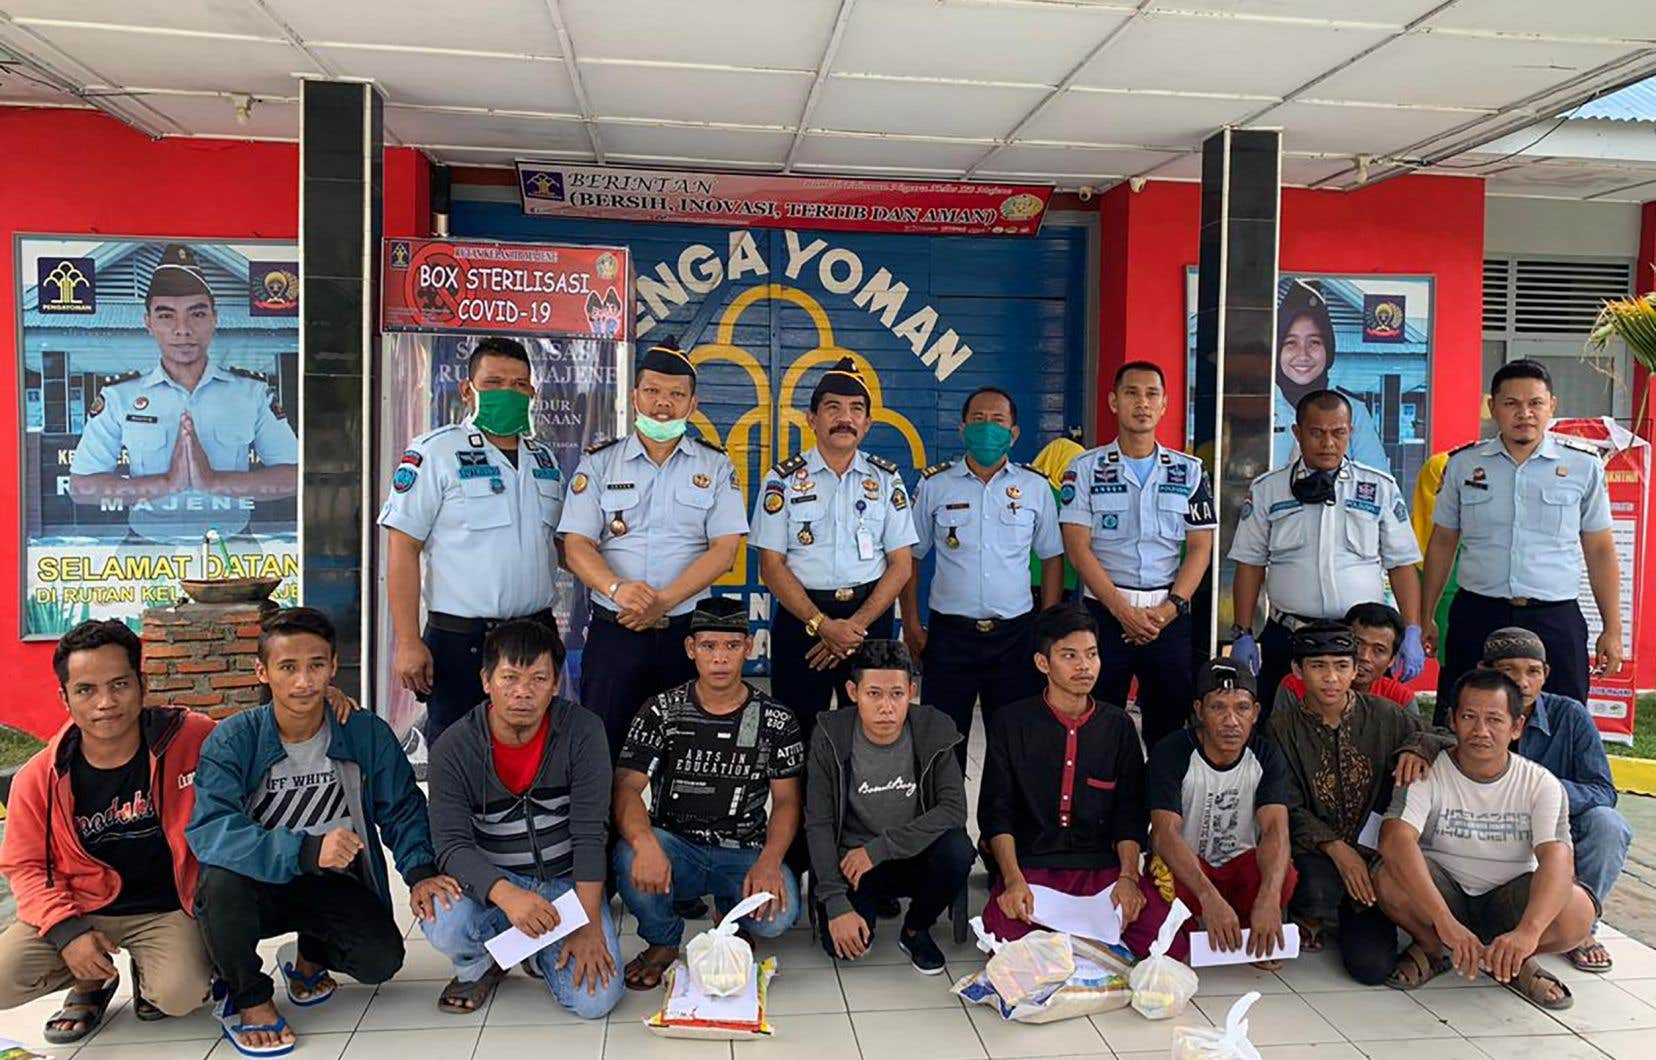 Des détenus (devant) posent pour une photo avec les responsables de la prison après leur libération.